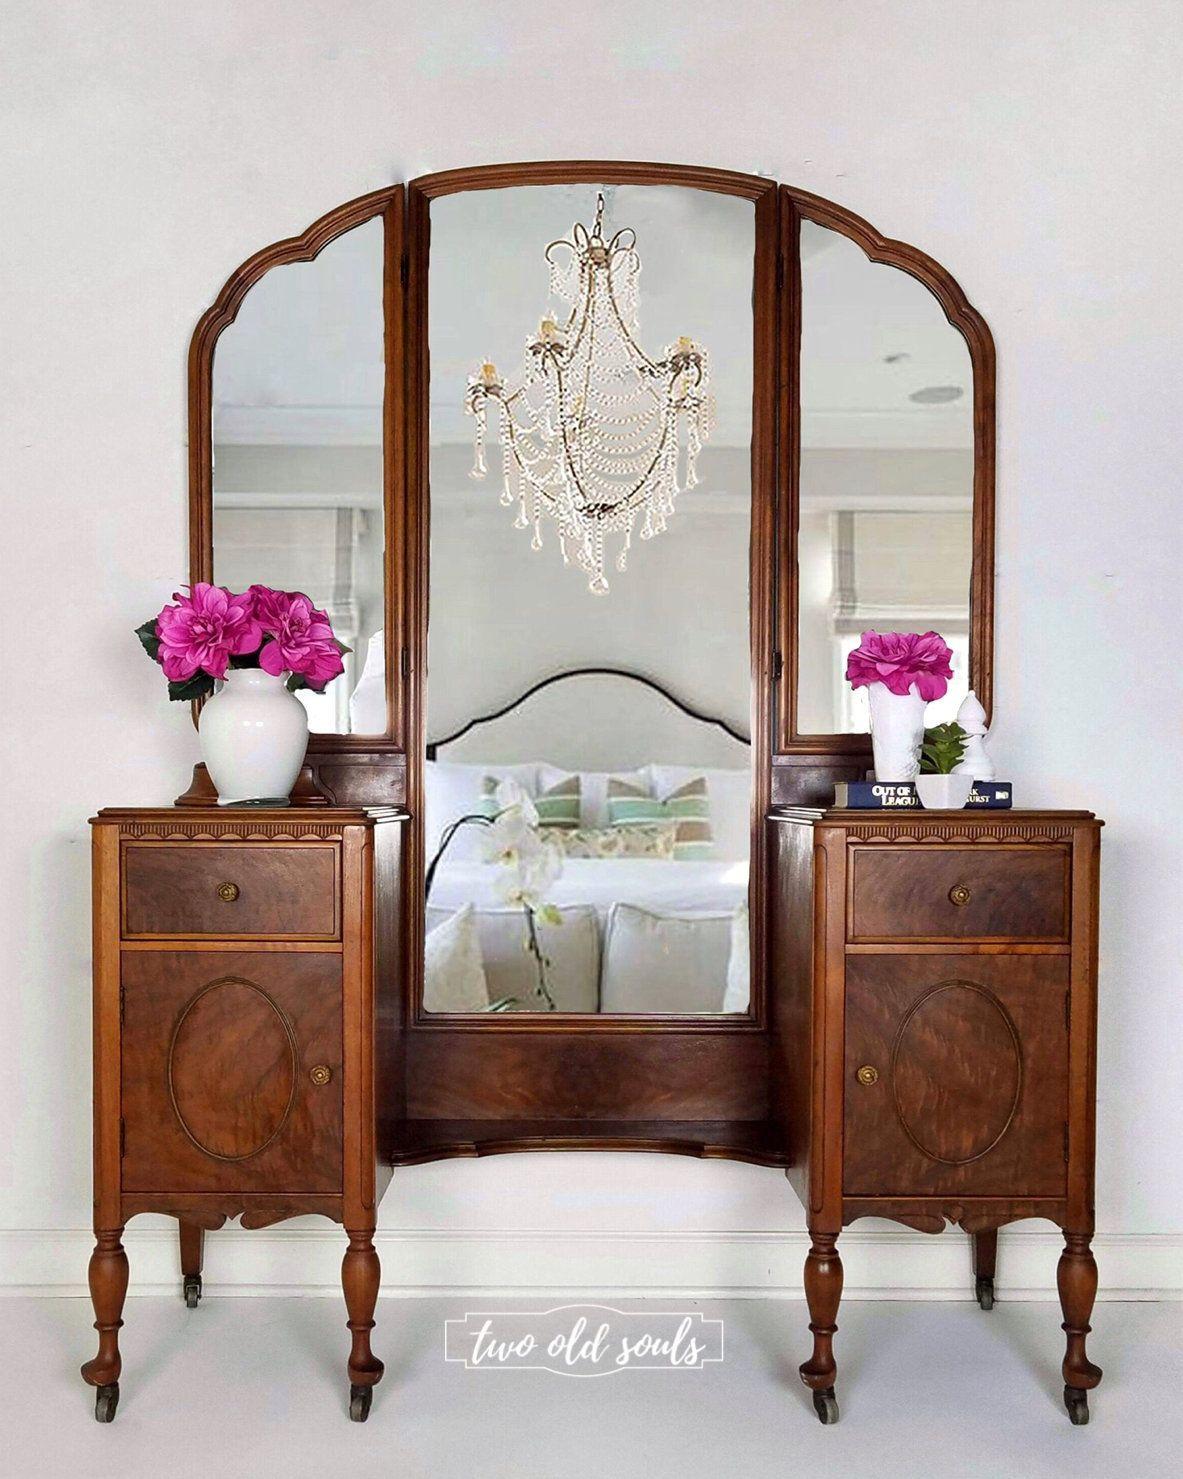 Sold 6 Drawer Vintage Vanity Antique Dressing Table Natural Wood Makeup Vanity Entryway Mirror With Sto Wood Makeup Vanity Dressing Table Vanity Furniture